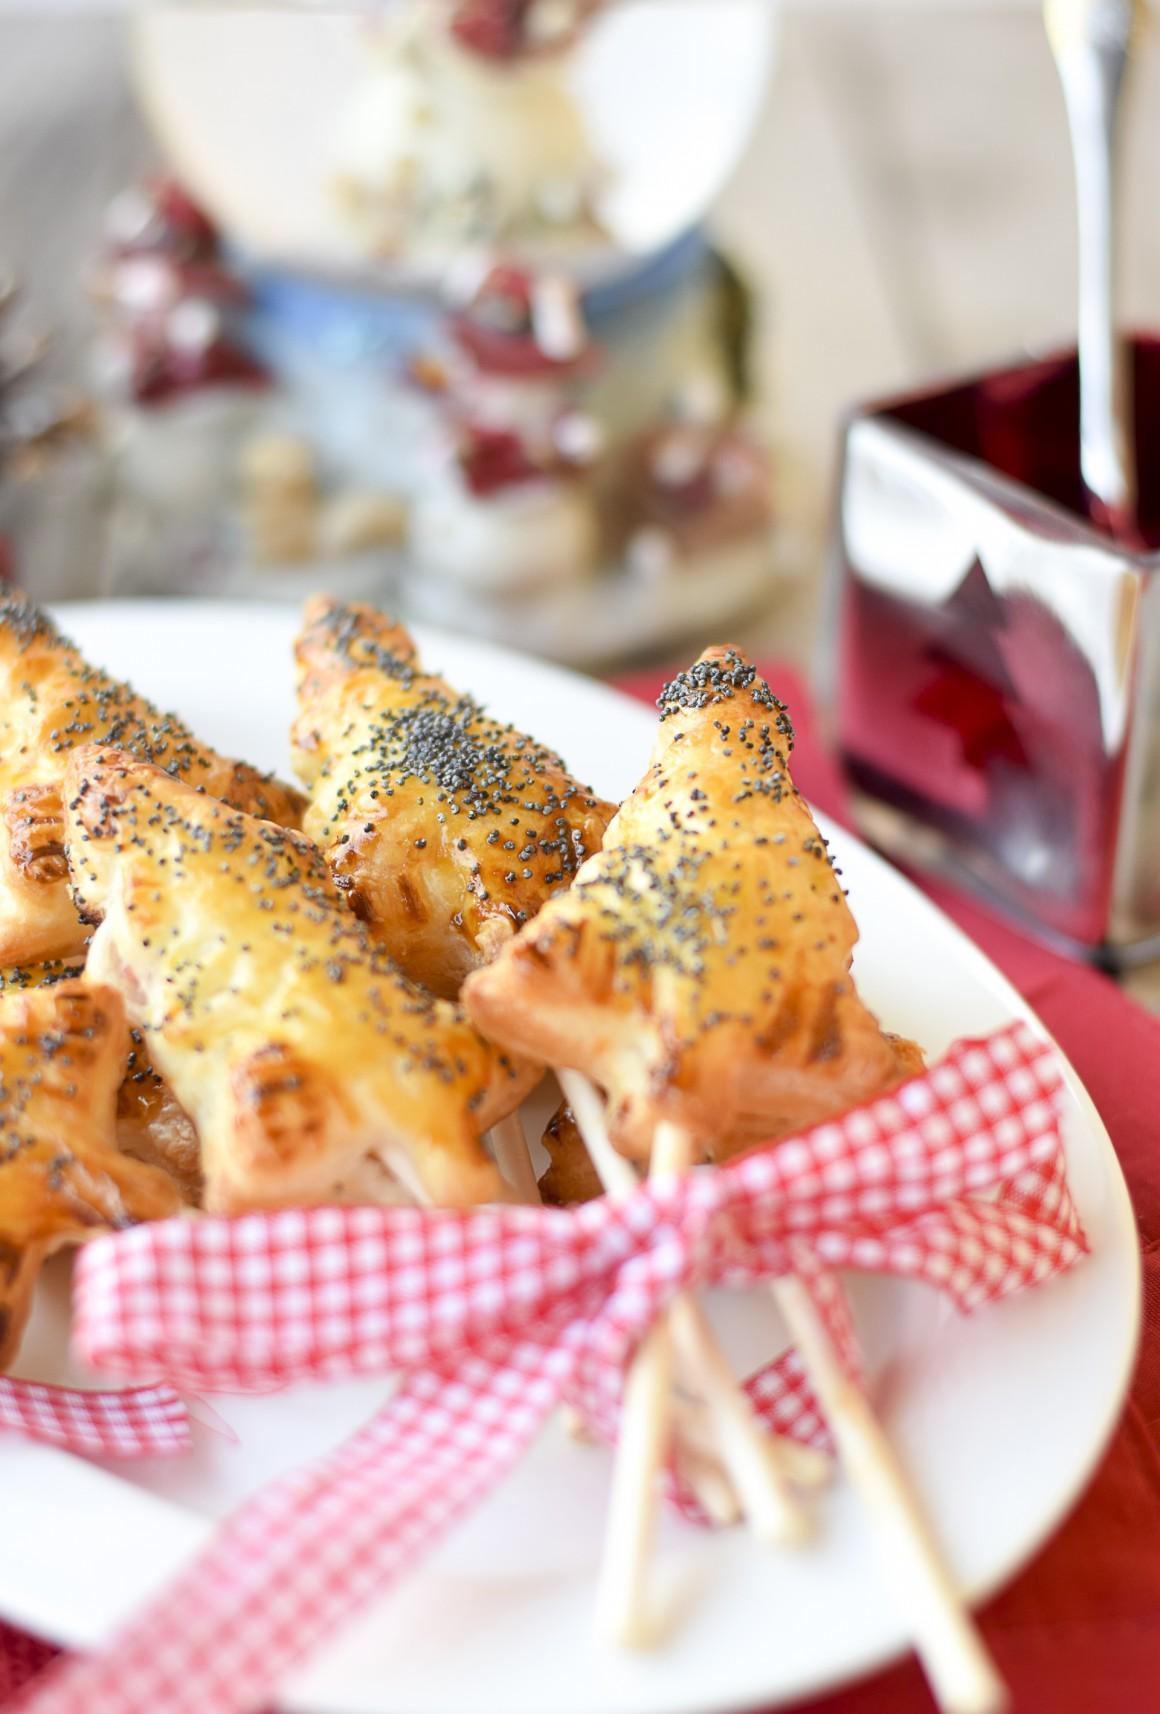 Antipasti Per Il Pranzo Di Natale.Cuciniamo Insieme Gli Antipasti Per Il Pranzo Di Natale Blog Buoni